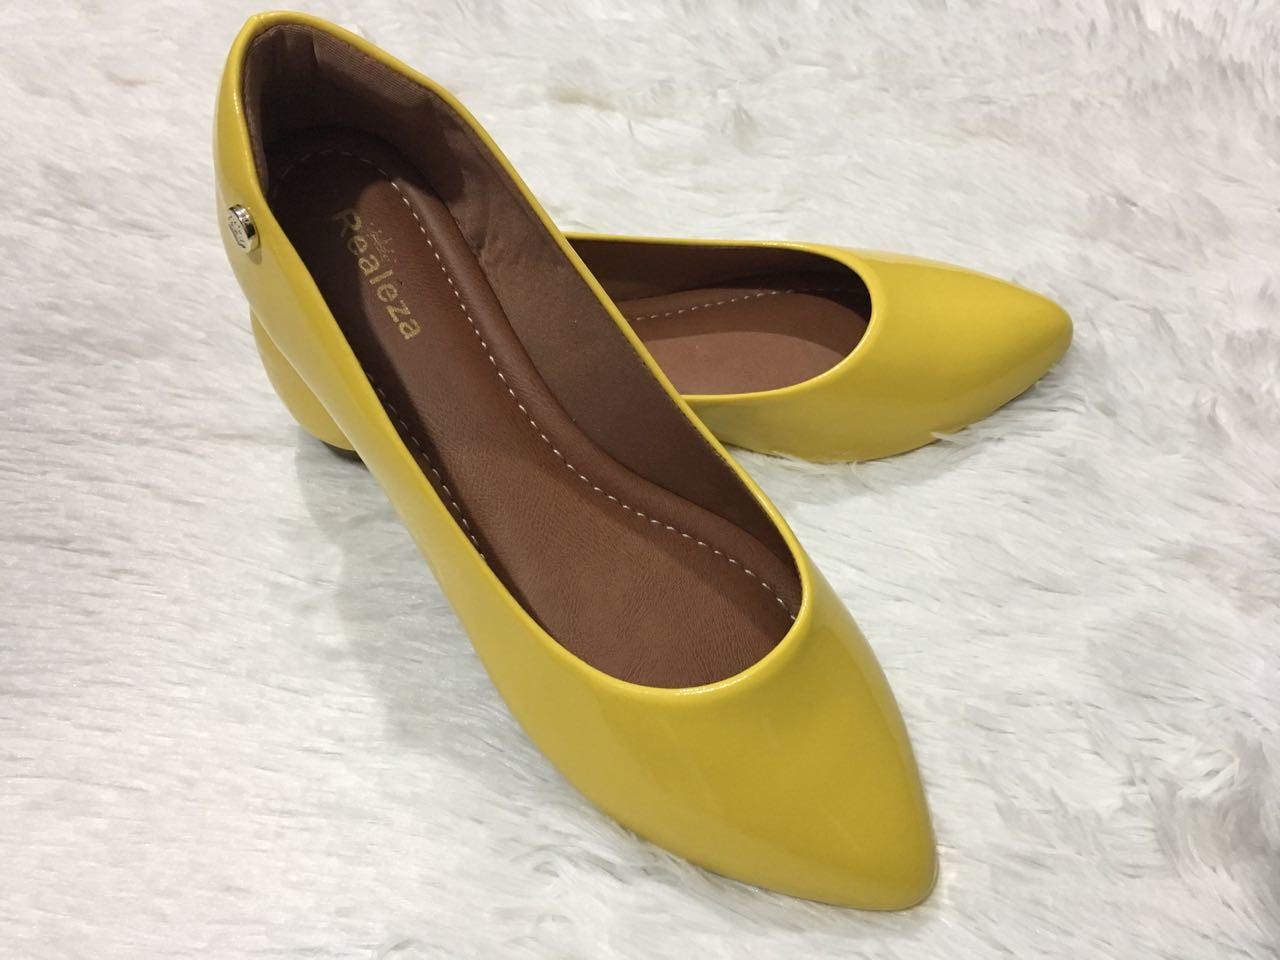 3071208eb0d Sapatilha Feminina Verniz Amarelo Calçados Femininos no Elo7 ...